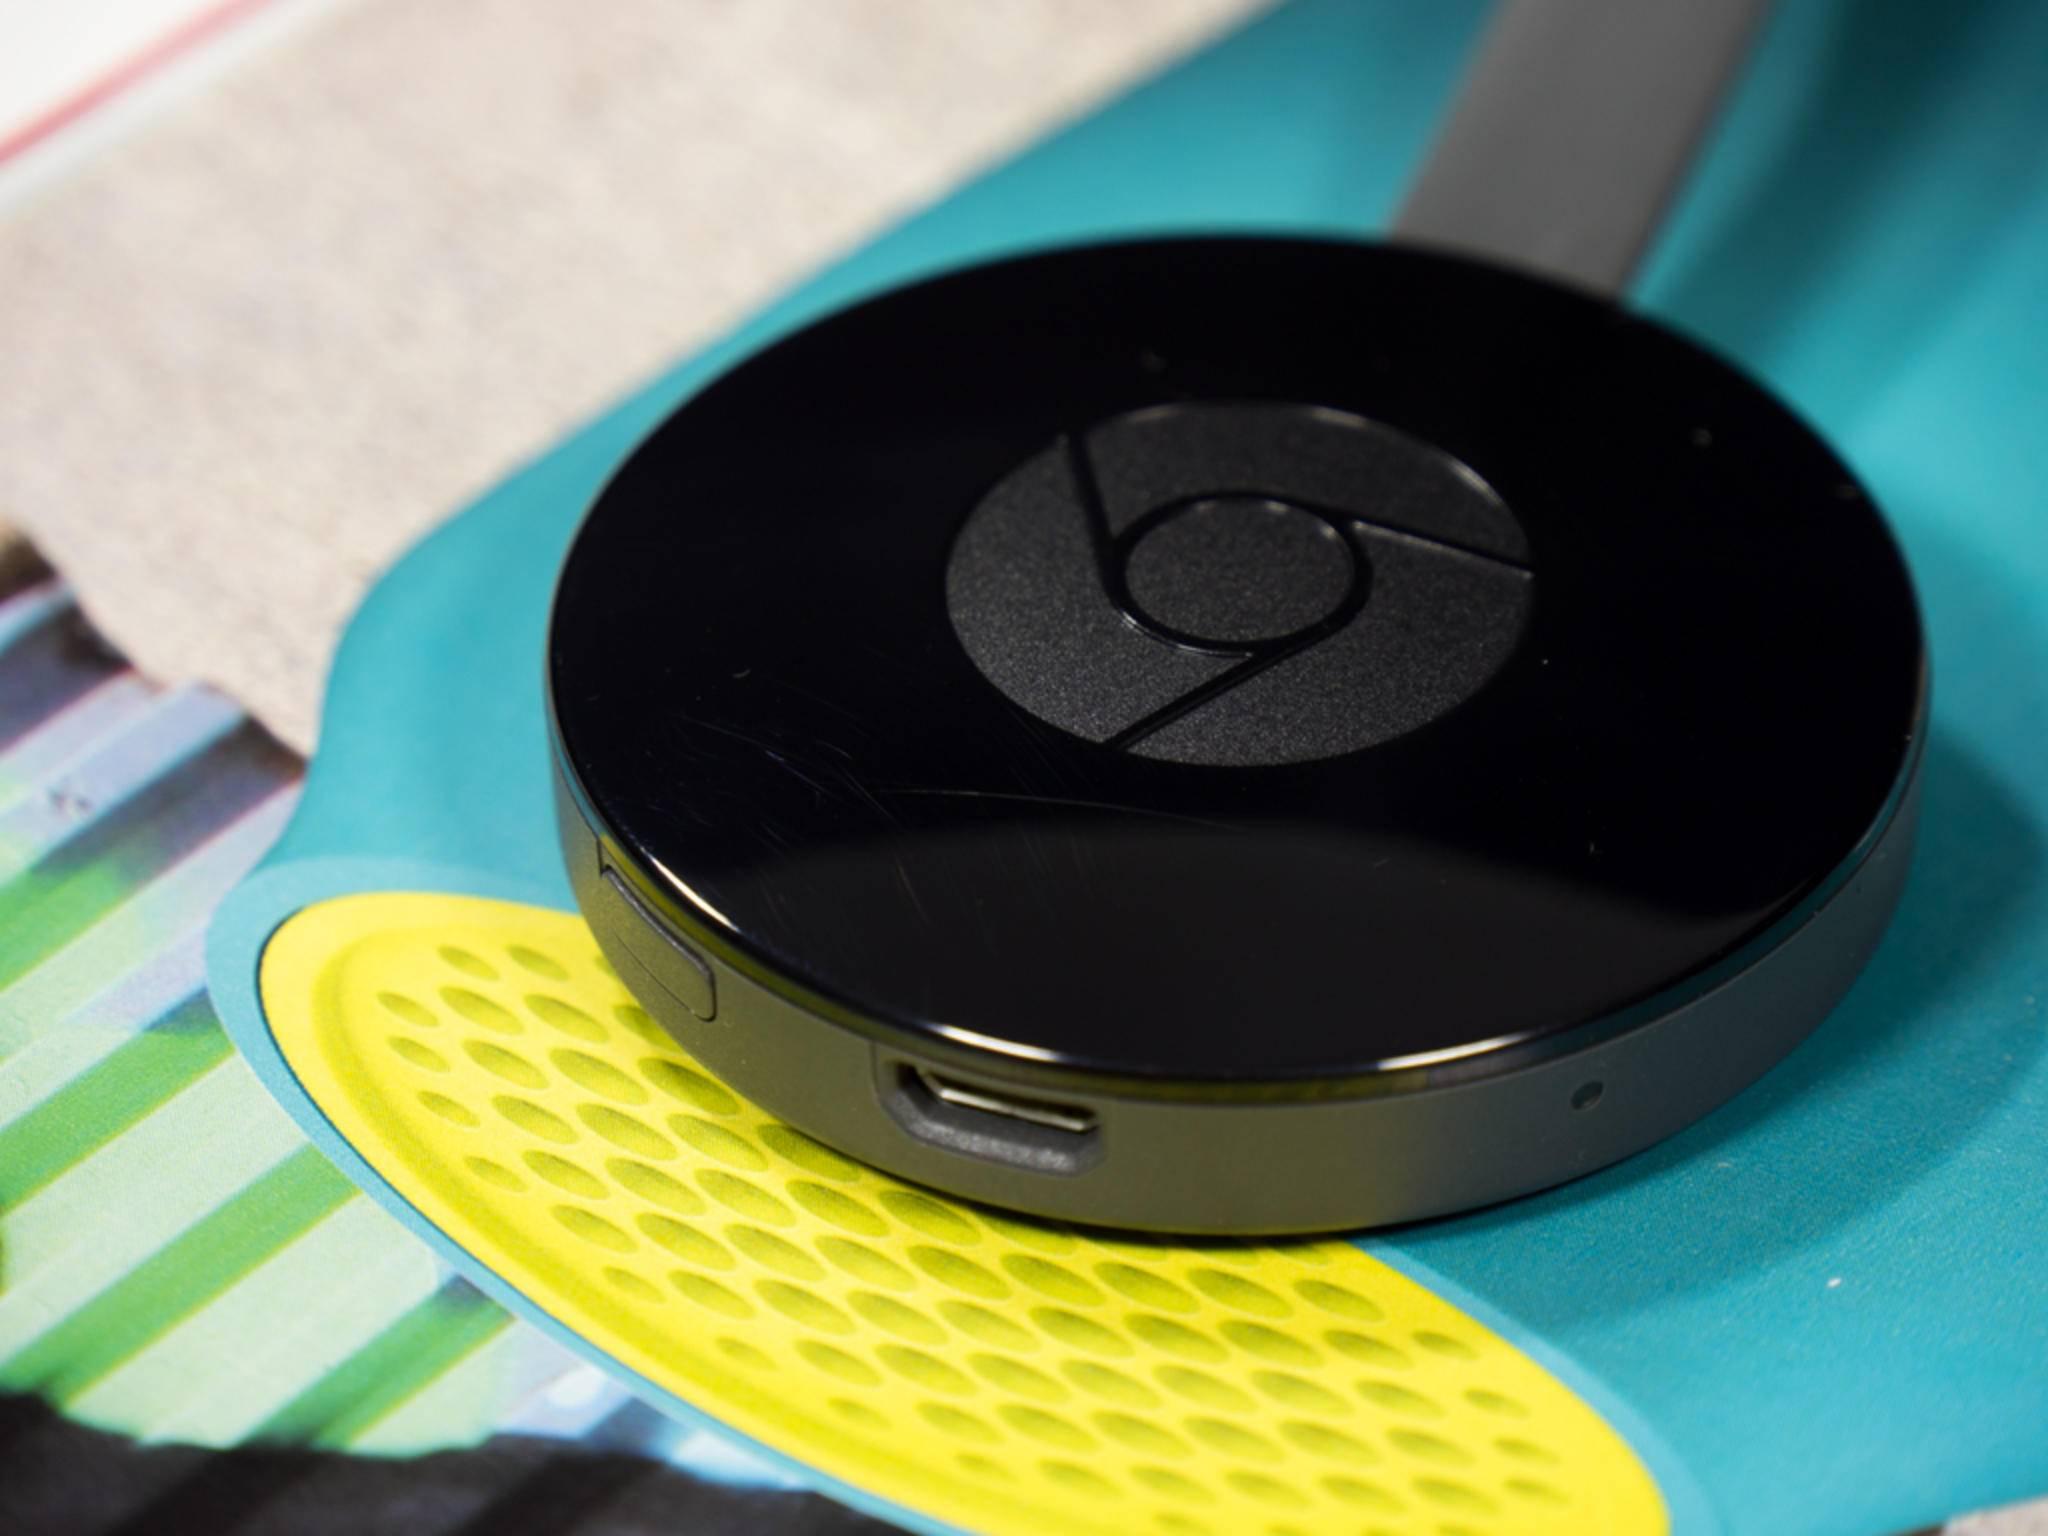 Der neue Chromecast kommt als kleiner Puck daher.